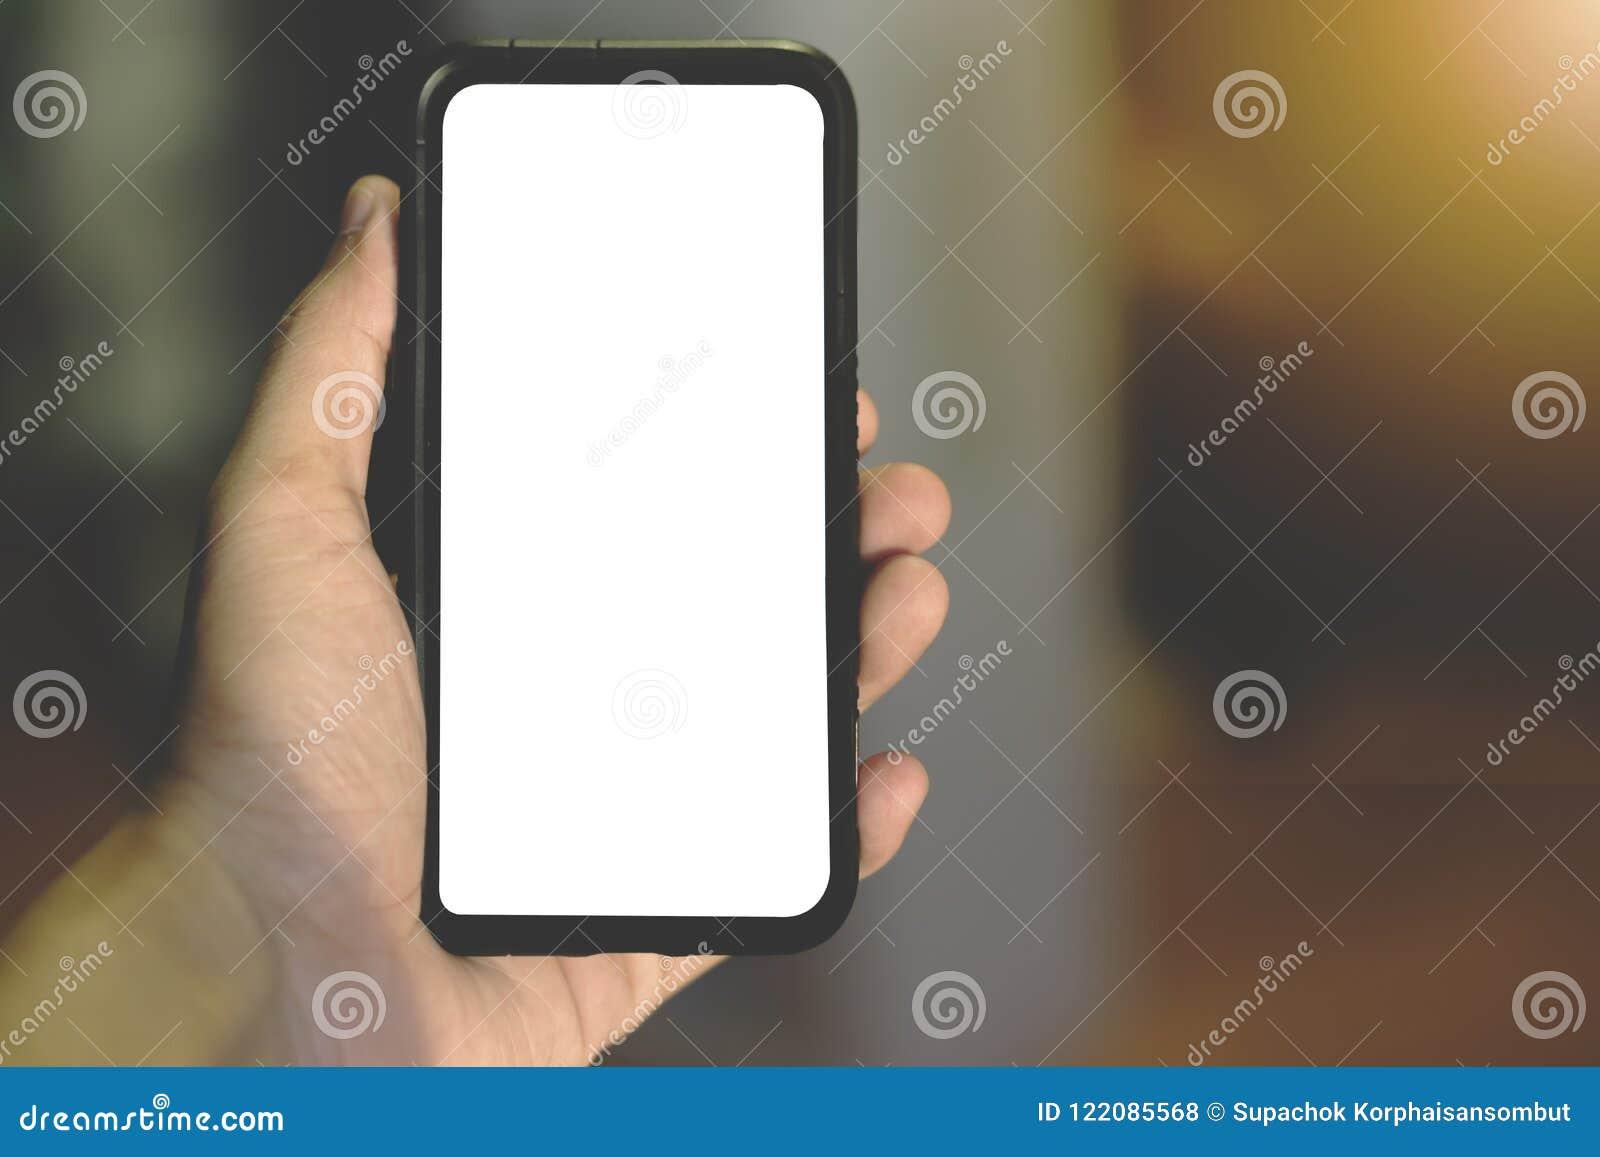 Mano que sostiene el teléfono móvil en día soleado